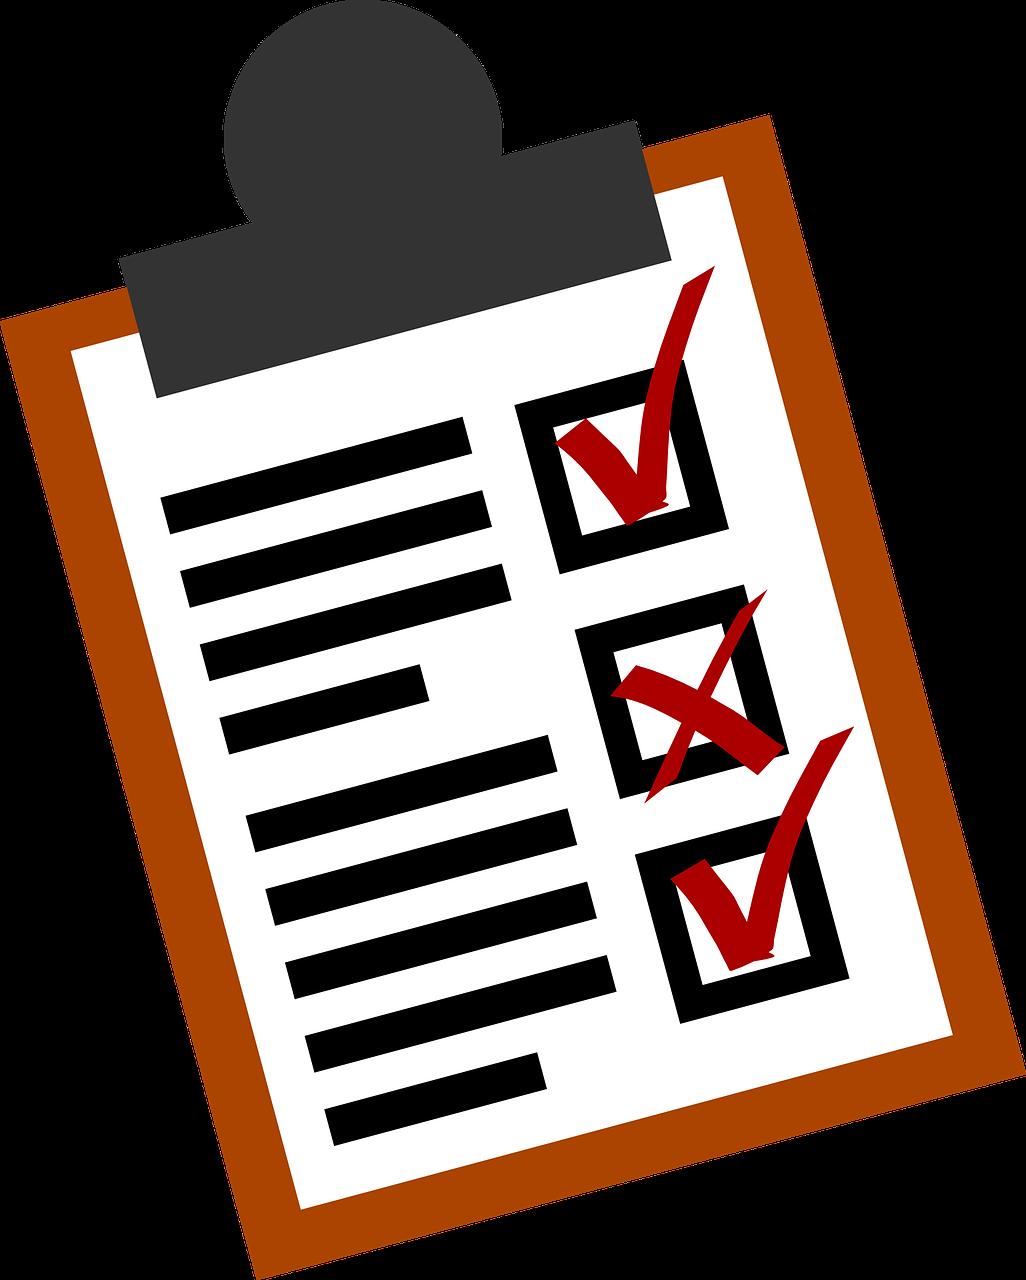 kérdőív szakdolgozathoz, szakdolgozati kérdőív, szakdolgozat írása, szakdolgozat írás